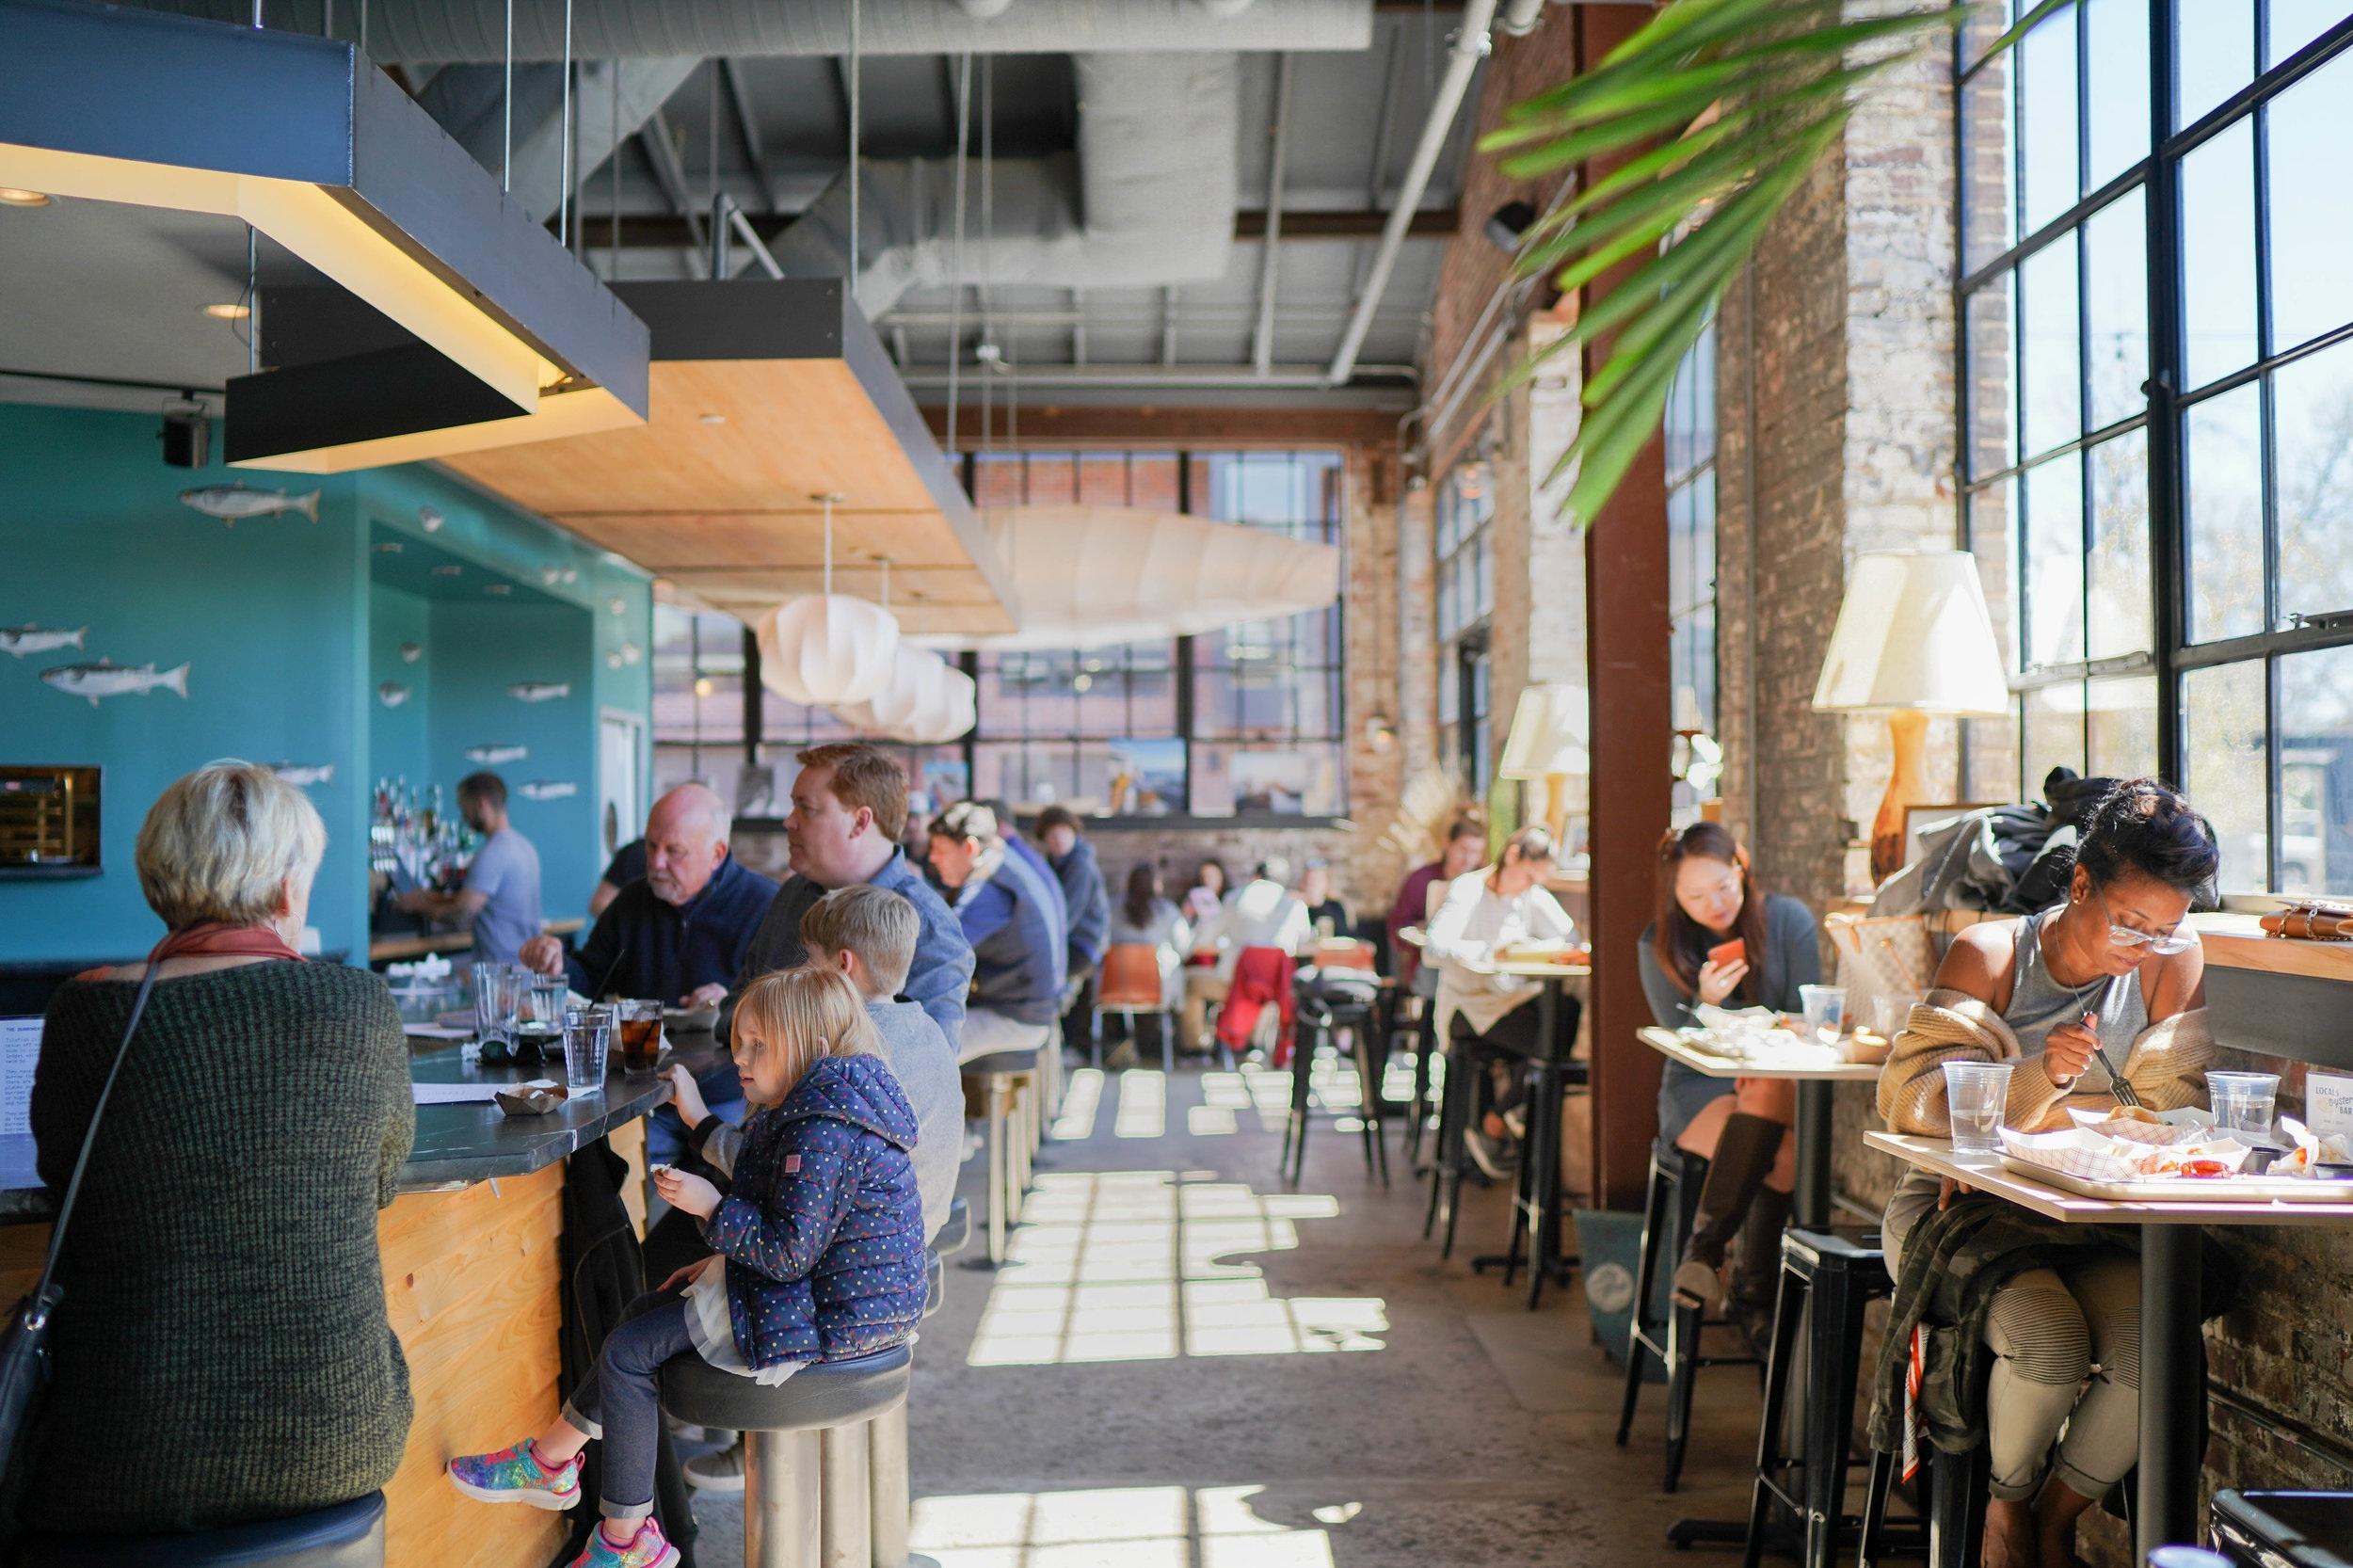 raleigh-food-hall.jpg